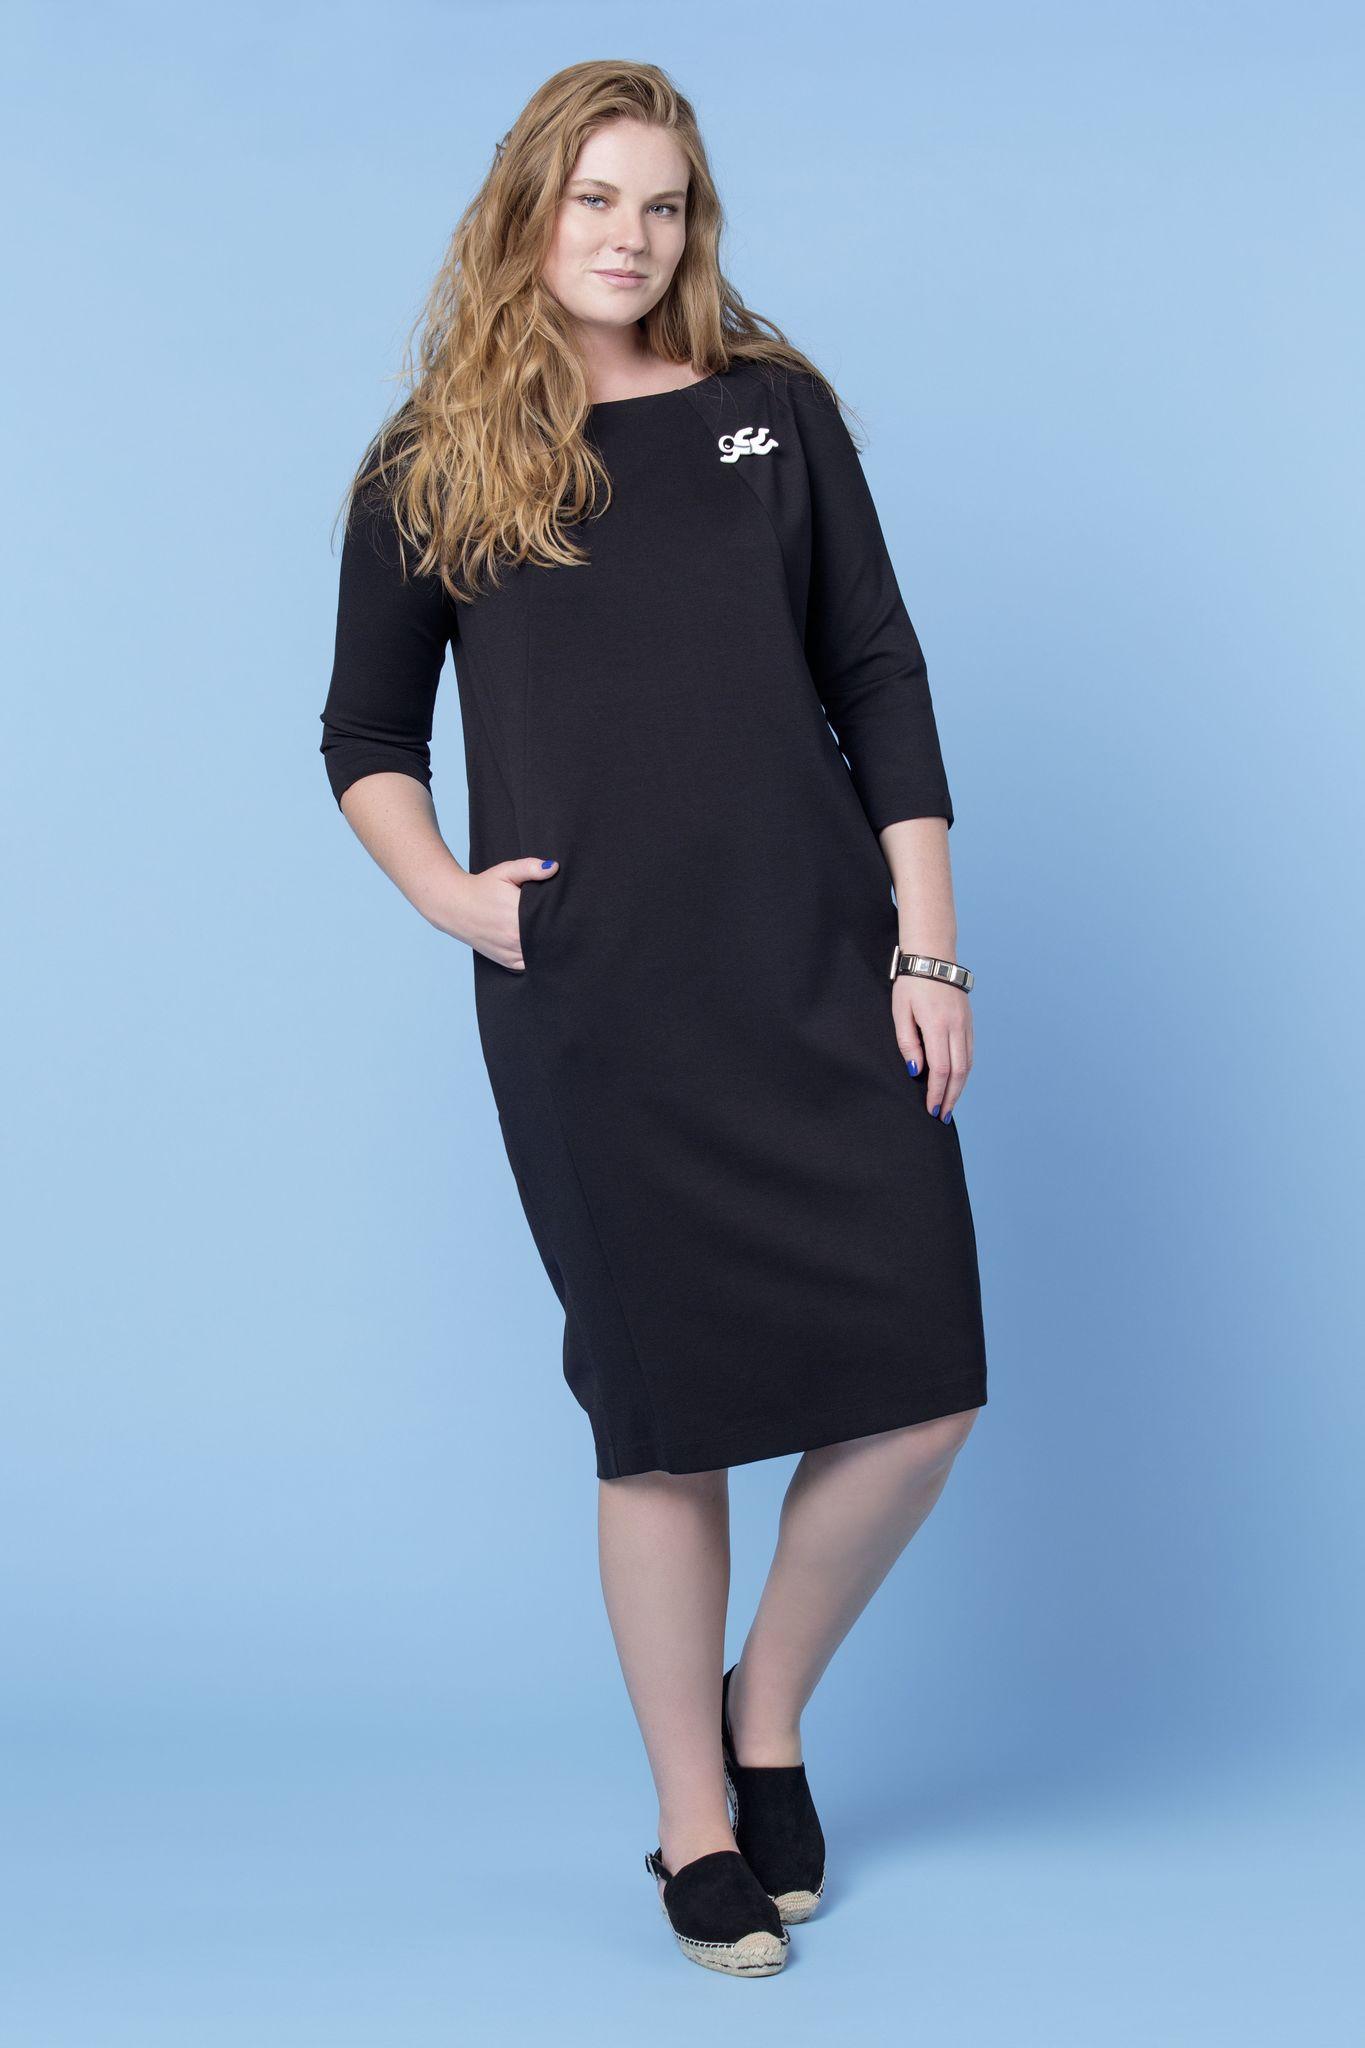 Платье BASE D1 DM01 черныйПлатья<br>Маленькое элегантное и функциональное платье. Платье с незаметными, но функциональными карманами и идеально для всех случаев жизни. Внимание повышенная износостойкость материала позволит Вам наслаждаться этим платьем не один сезон.<br>